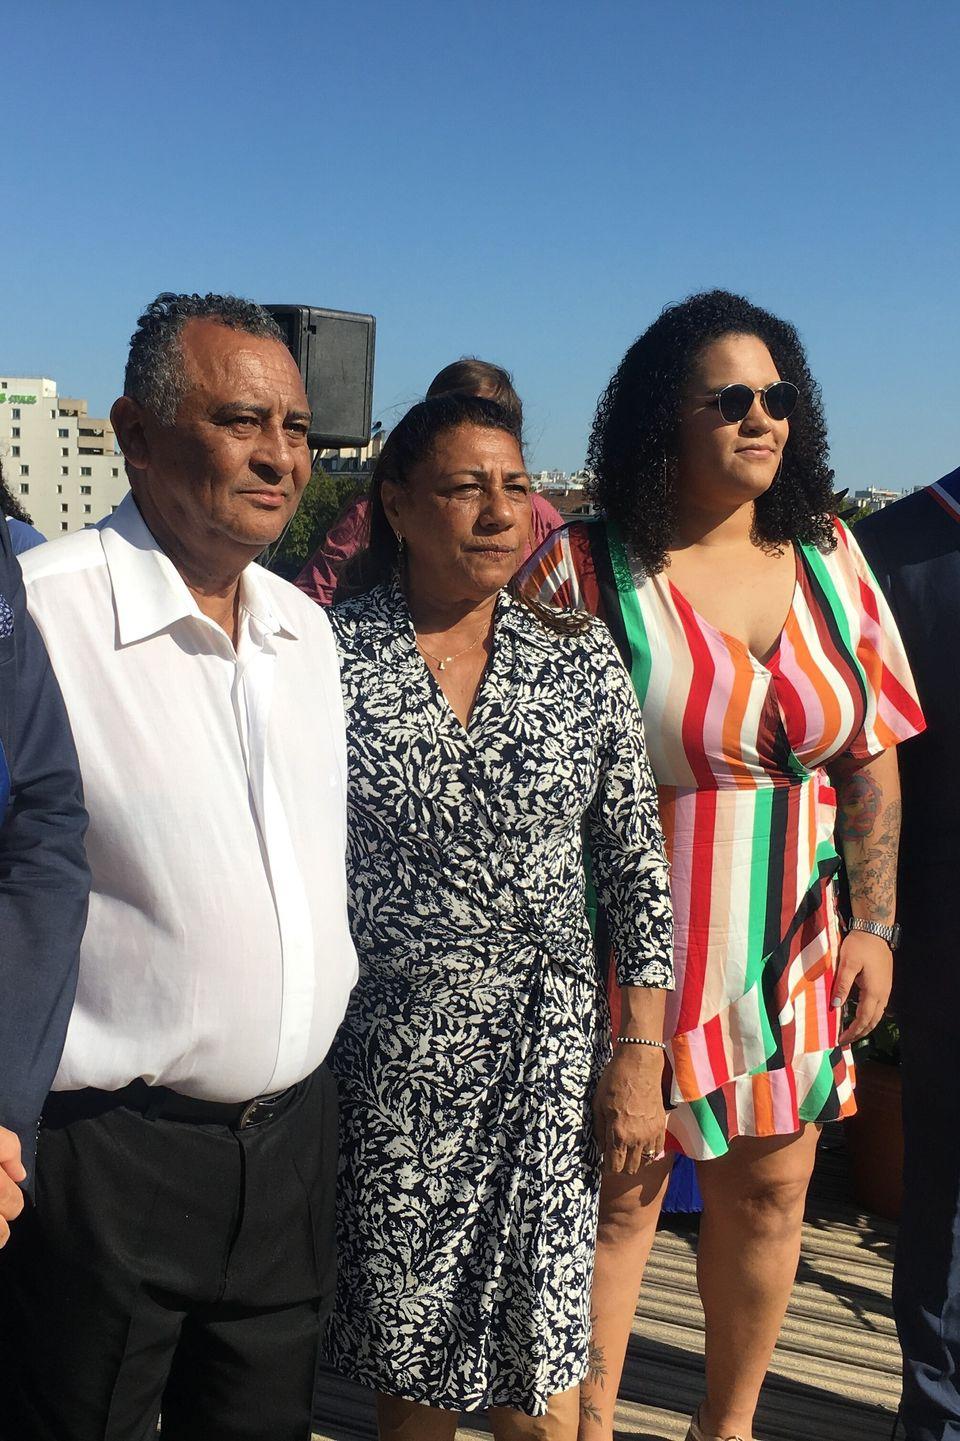 Os pais de Marielle,Antonio da Silva Neto eMarinete Francisco, e a filha da vereadora carioca...